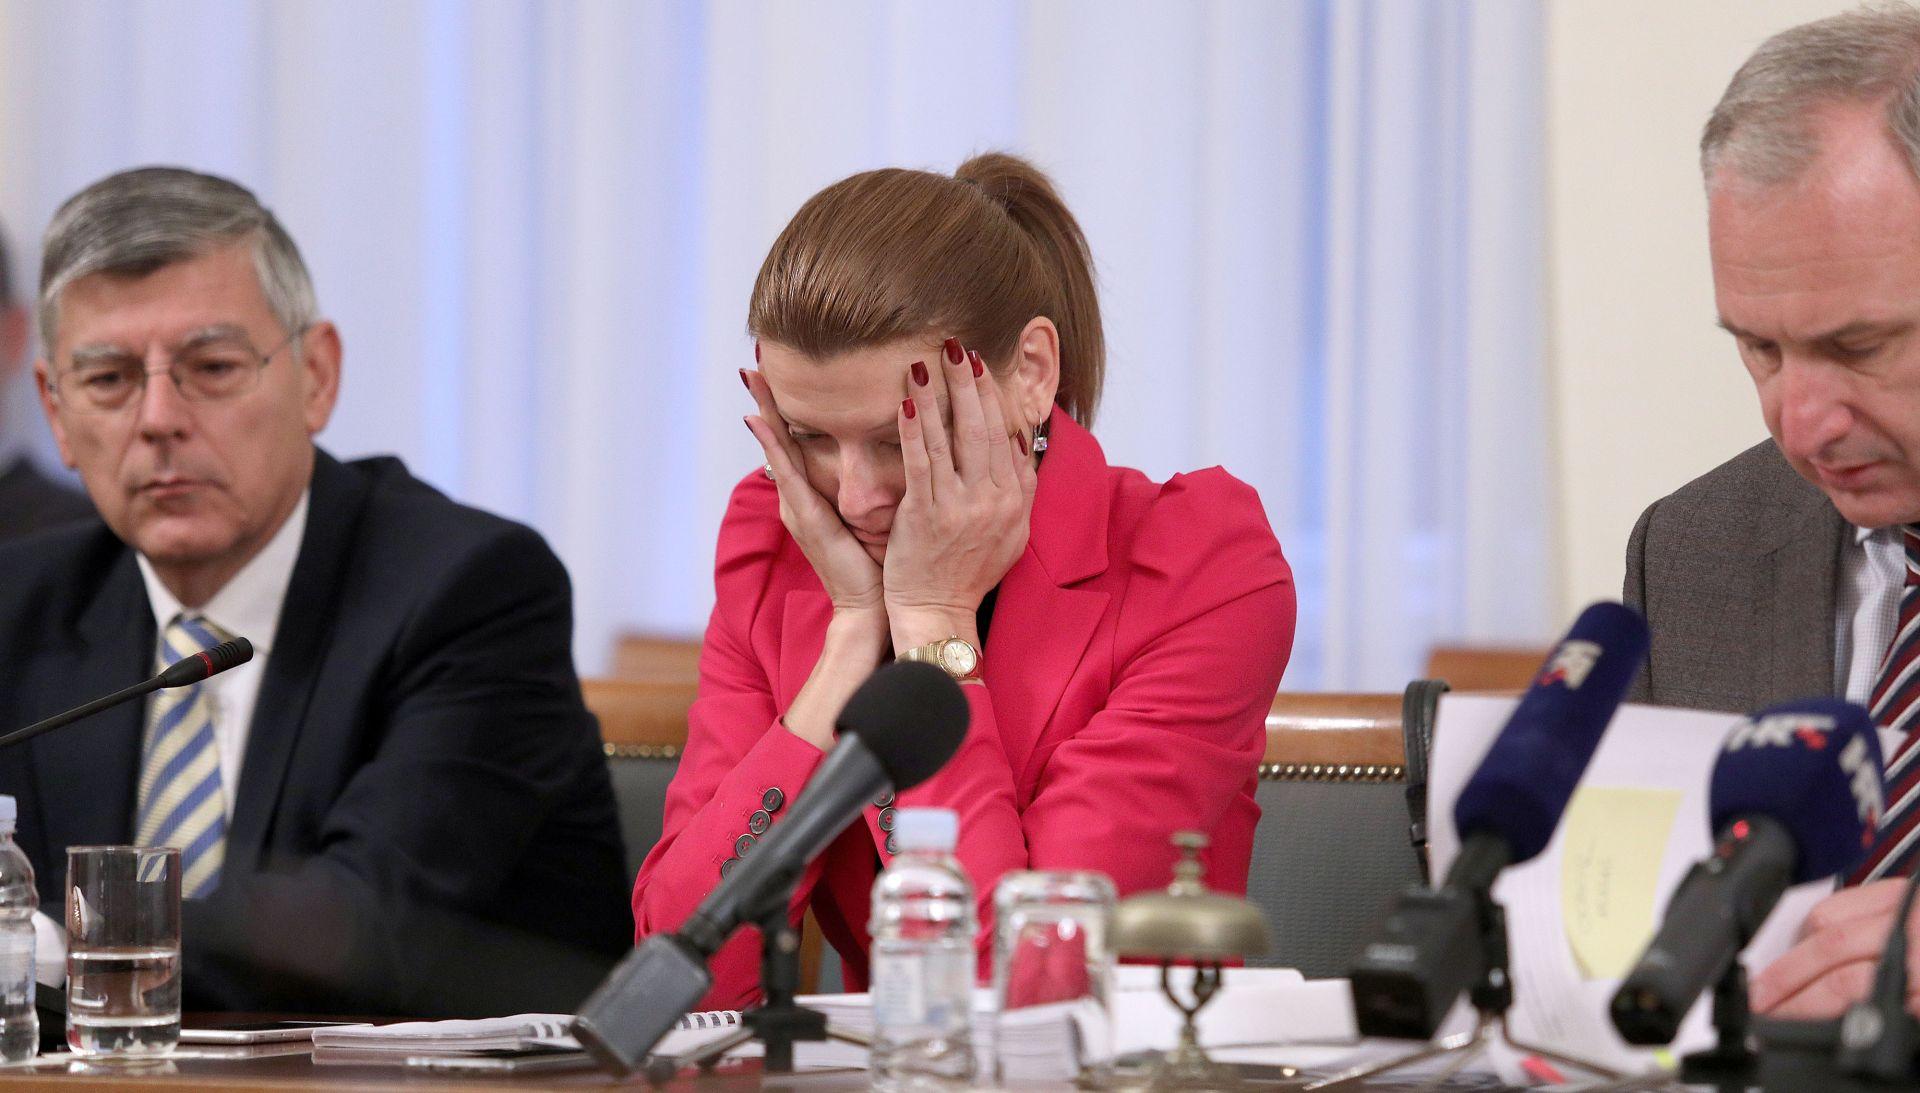 SHOW NA ODBORU ZA OBRAZOVANJE Glasovac Krstulović Opari pet puta rekla da laže